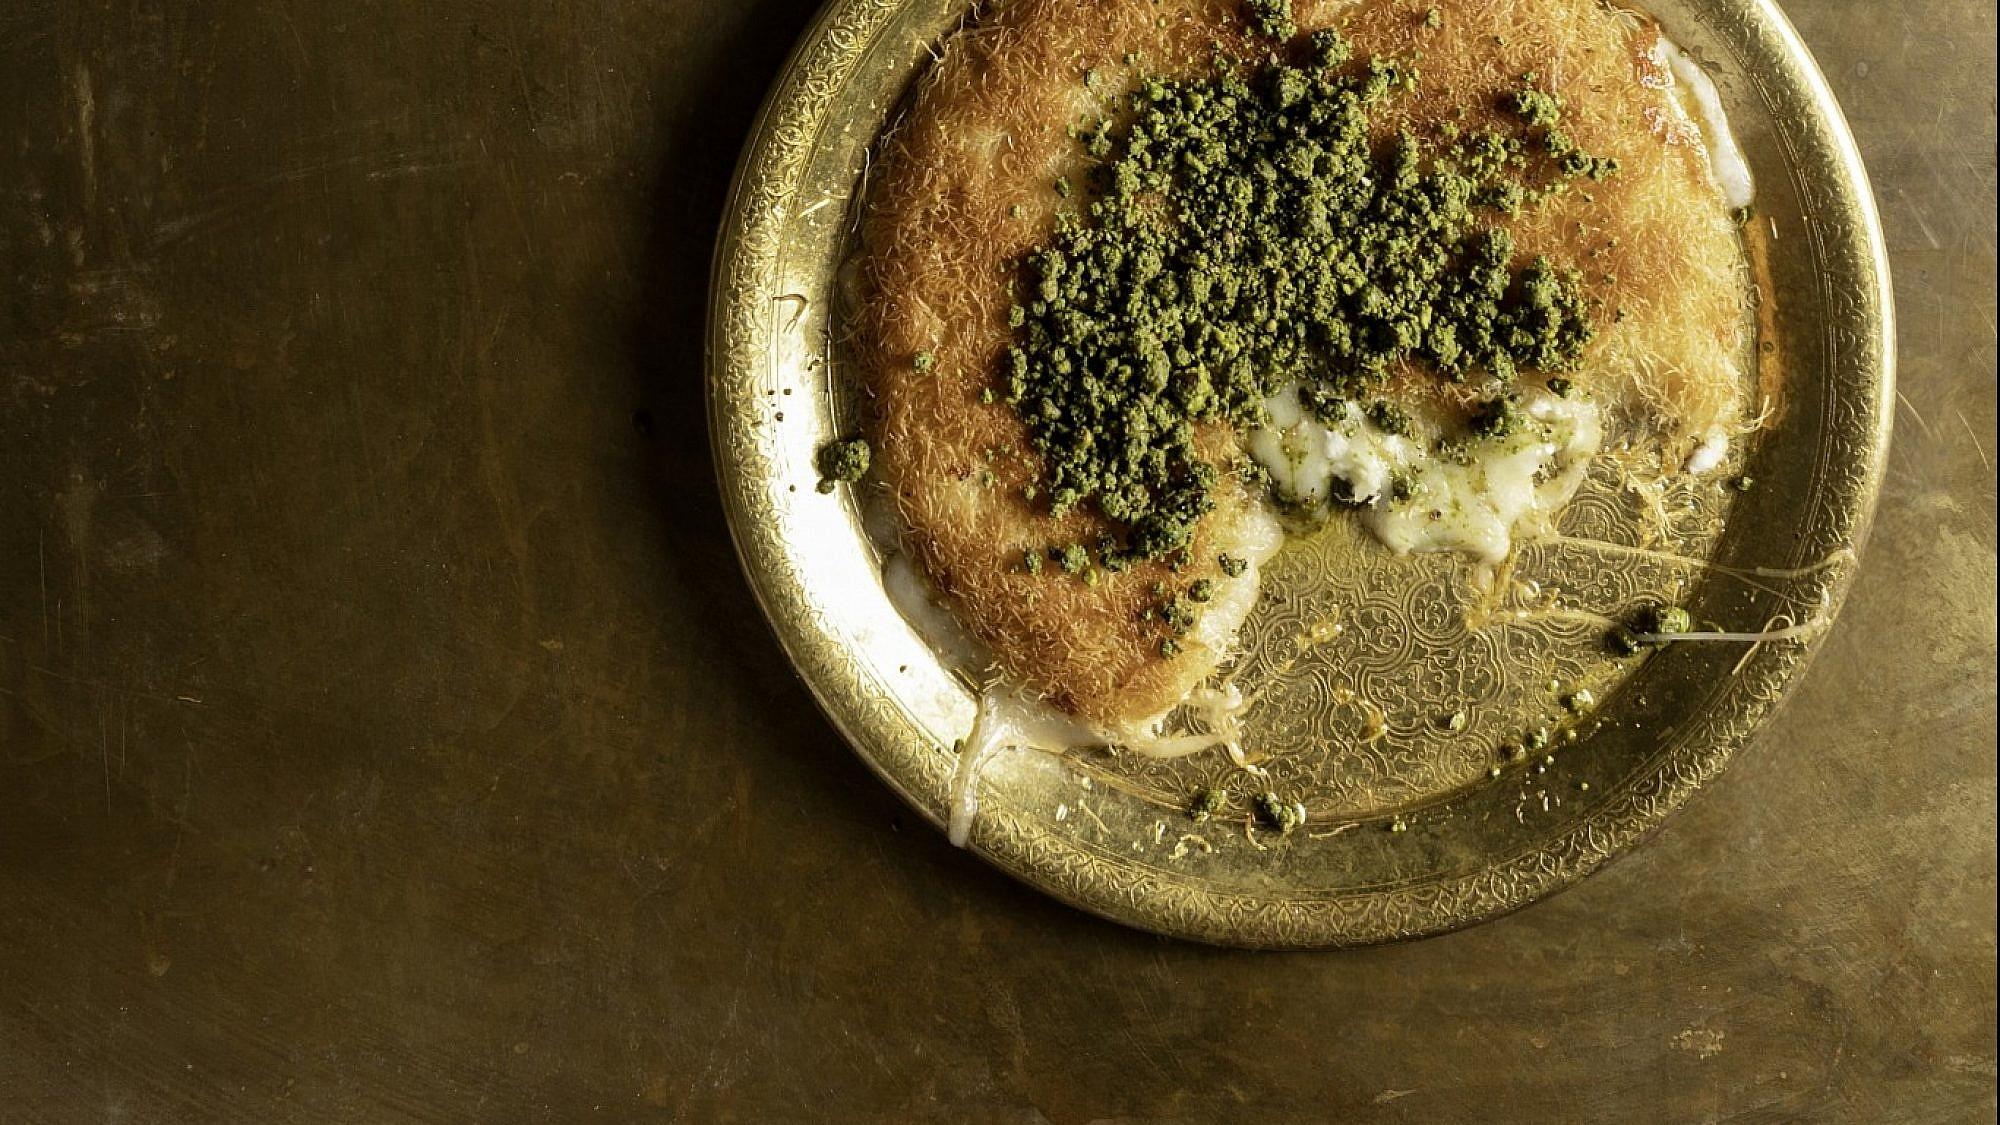 כנאפה עם גבינה ביתית של נוף עתאמנה אסמעיל. צילום: דניאל לילה